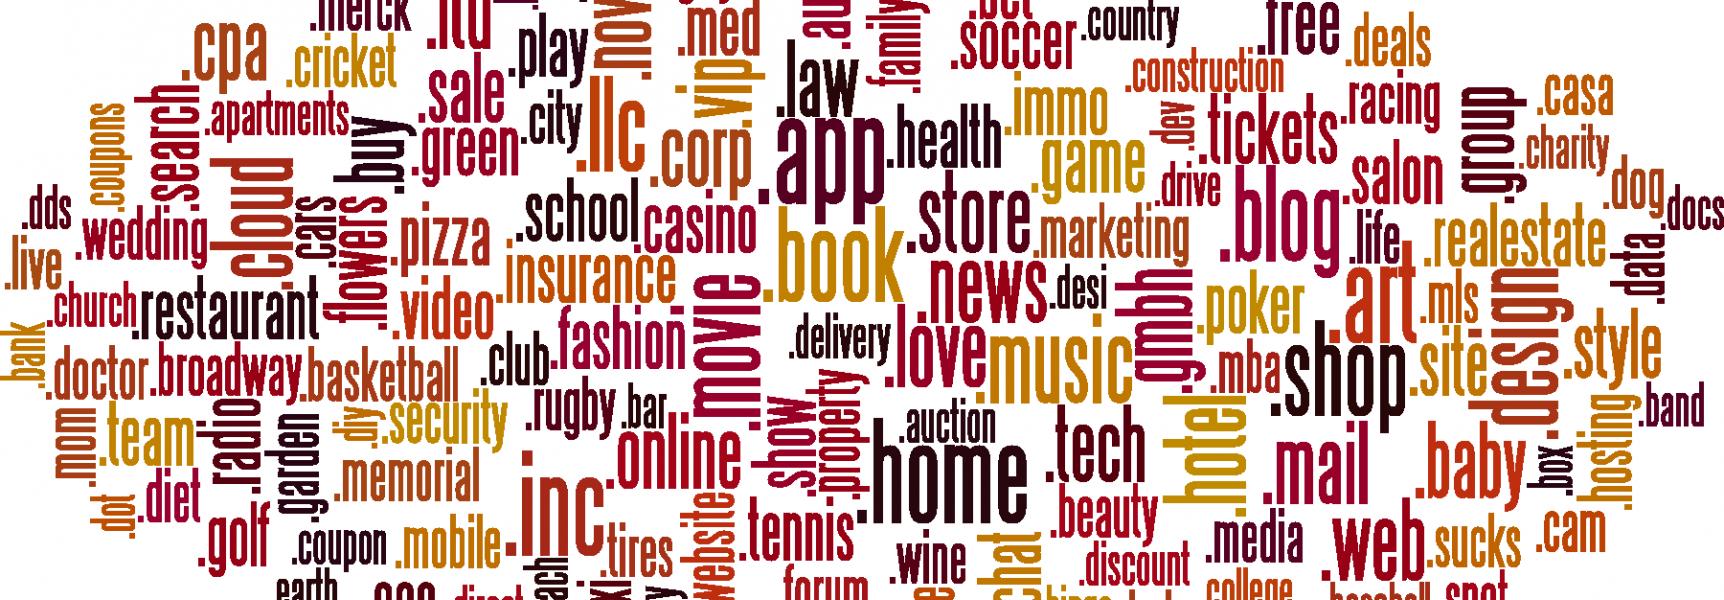 online hirdetések, honlapkészítés, keresőoptimalizálás, google térkép, weblapkészítés, domain regisztráció, tárhely, webtárhely